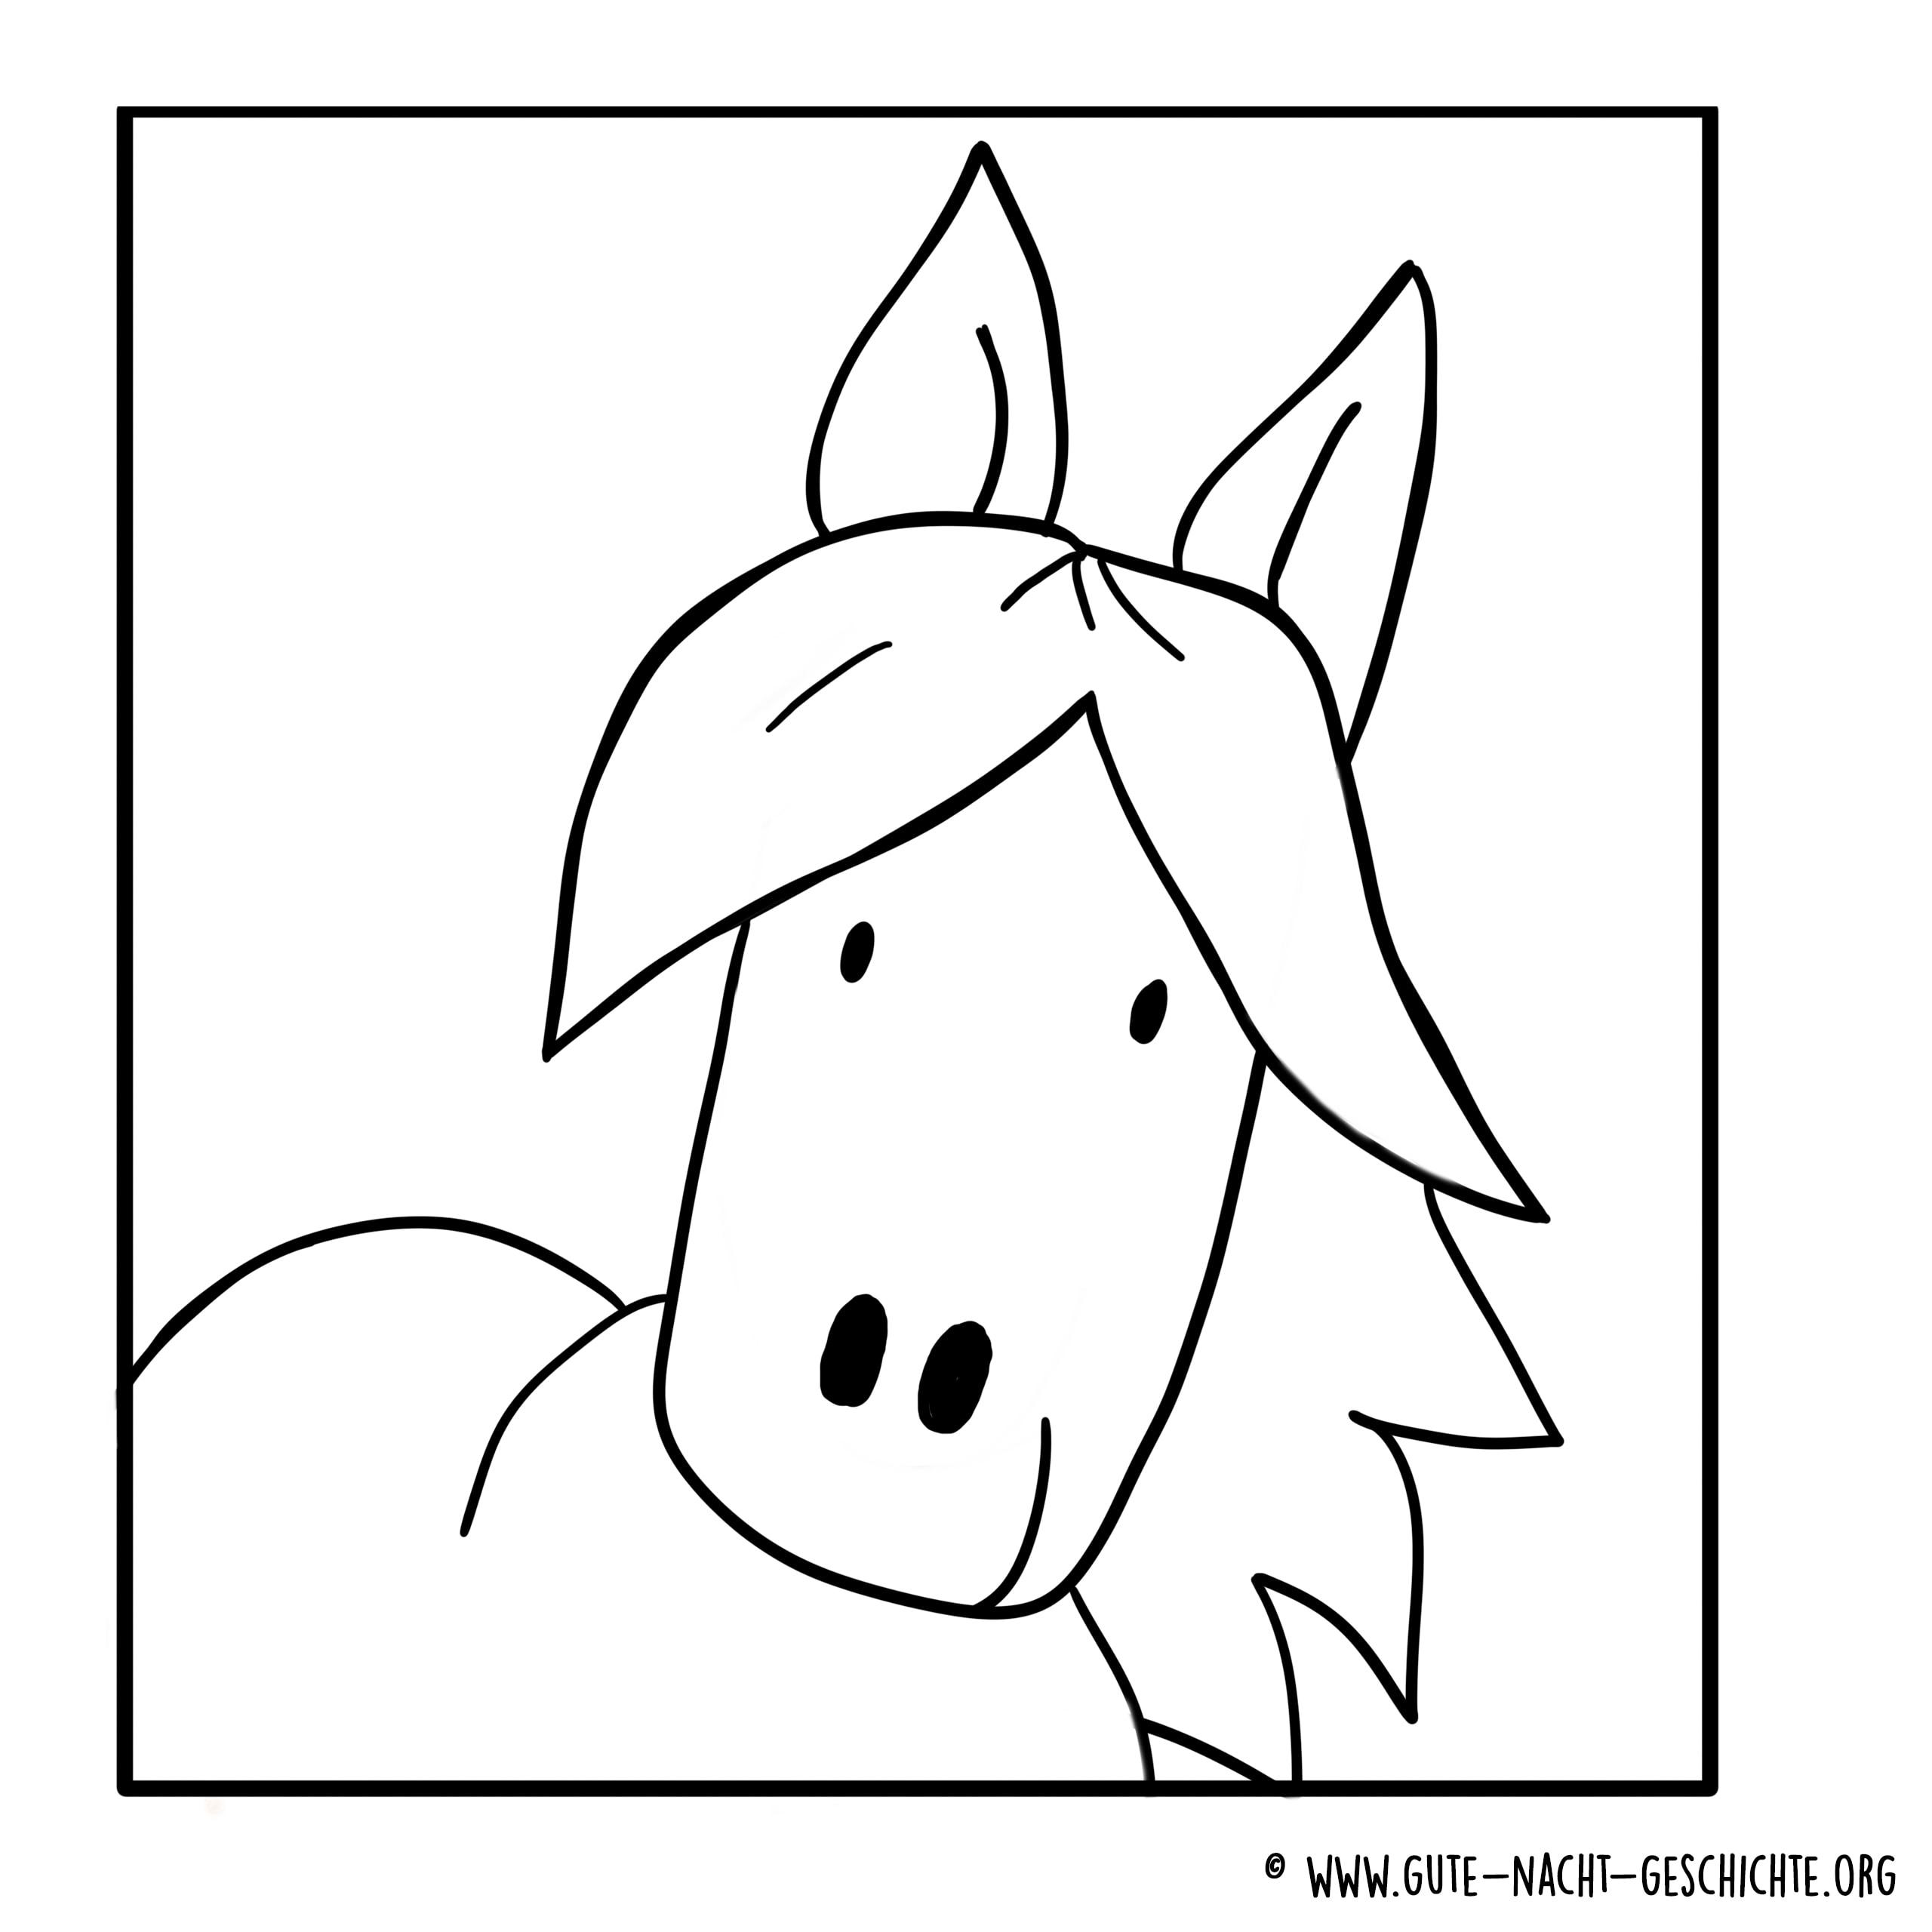 Pferde Ausmalbilder Zum Ausdrucken Kostenlose Malvorlagen